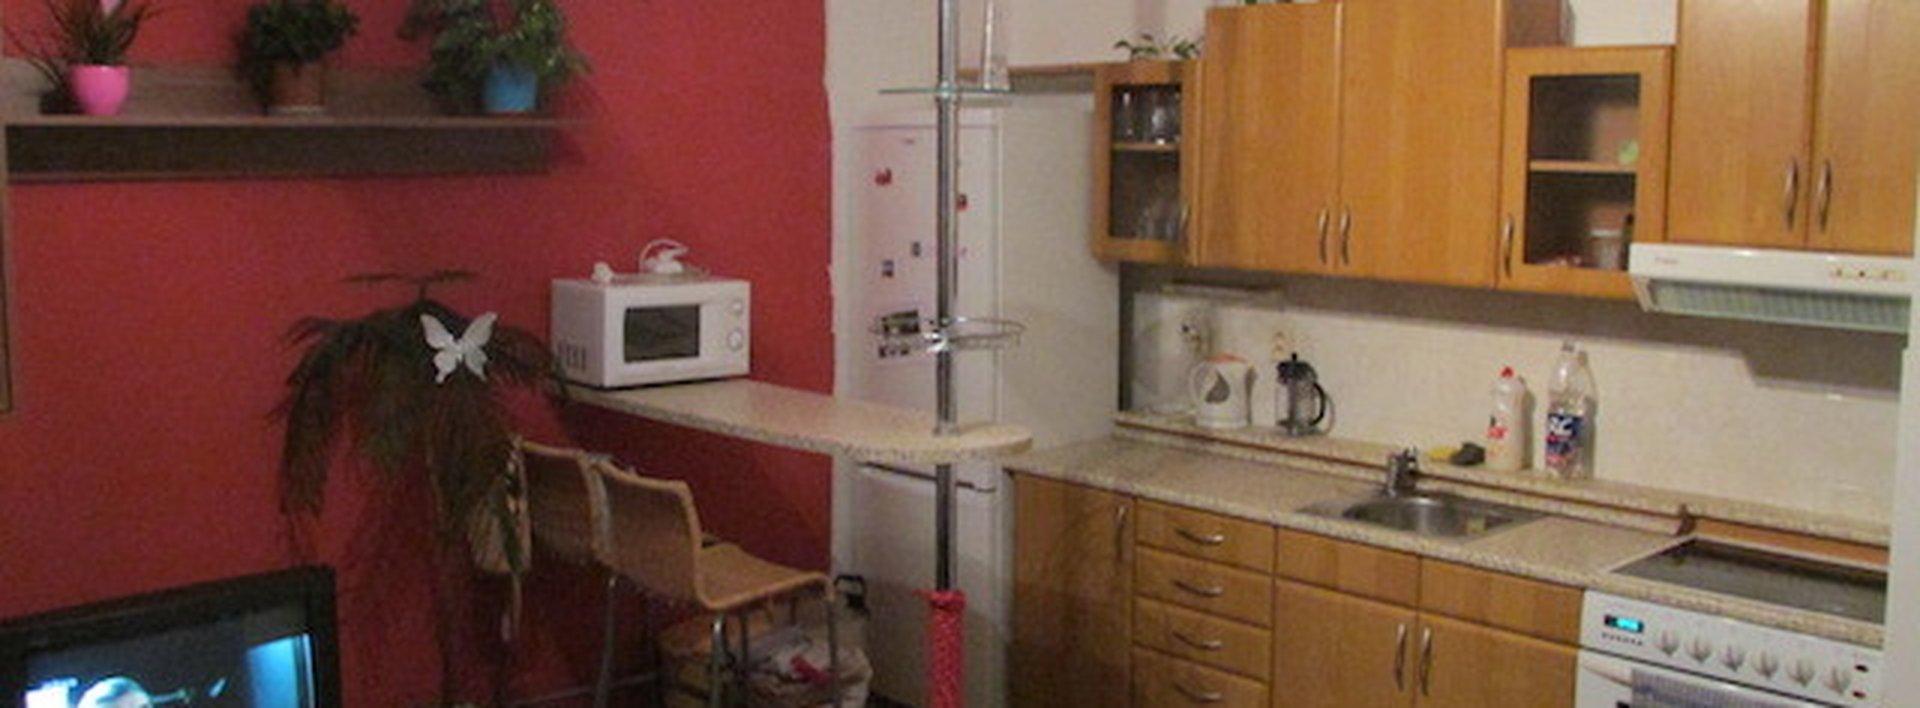 Částečně zařízený byt 2+kk s lodžíí, 58m² - ul. Seniorů, Ev.č.: N46672